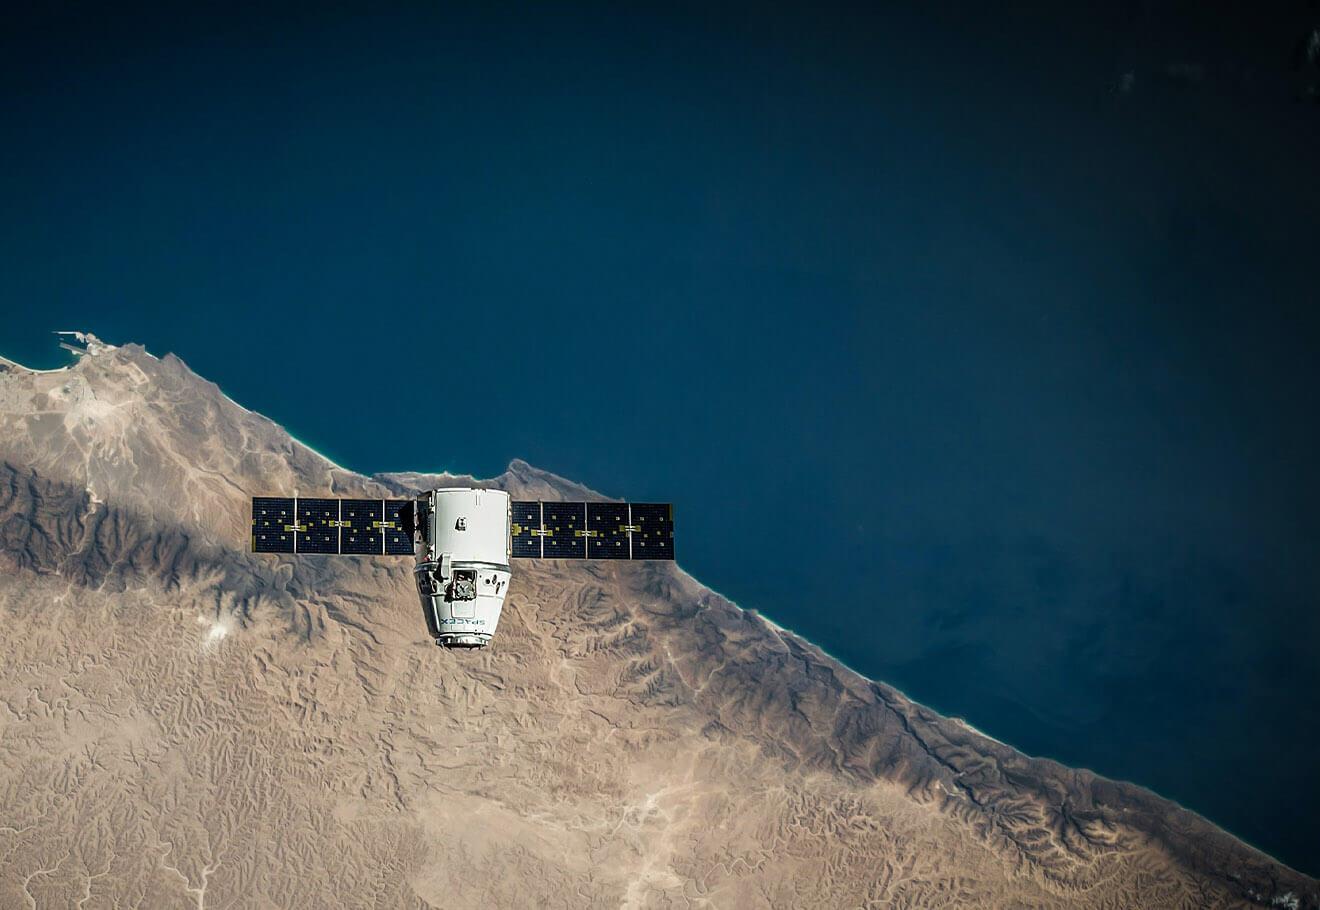 Satelite overlooking ocean